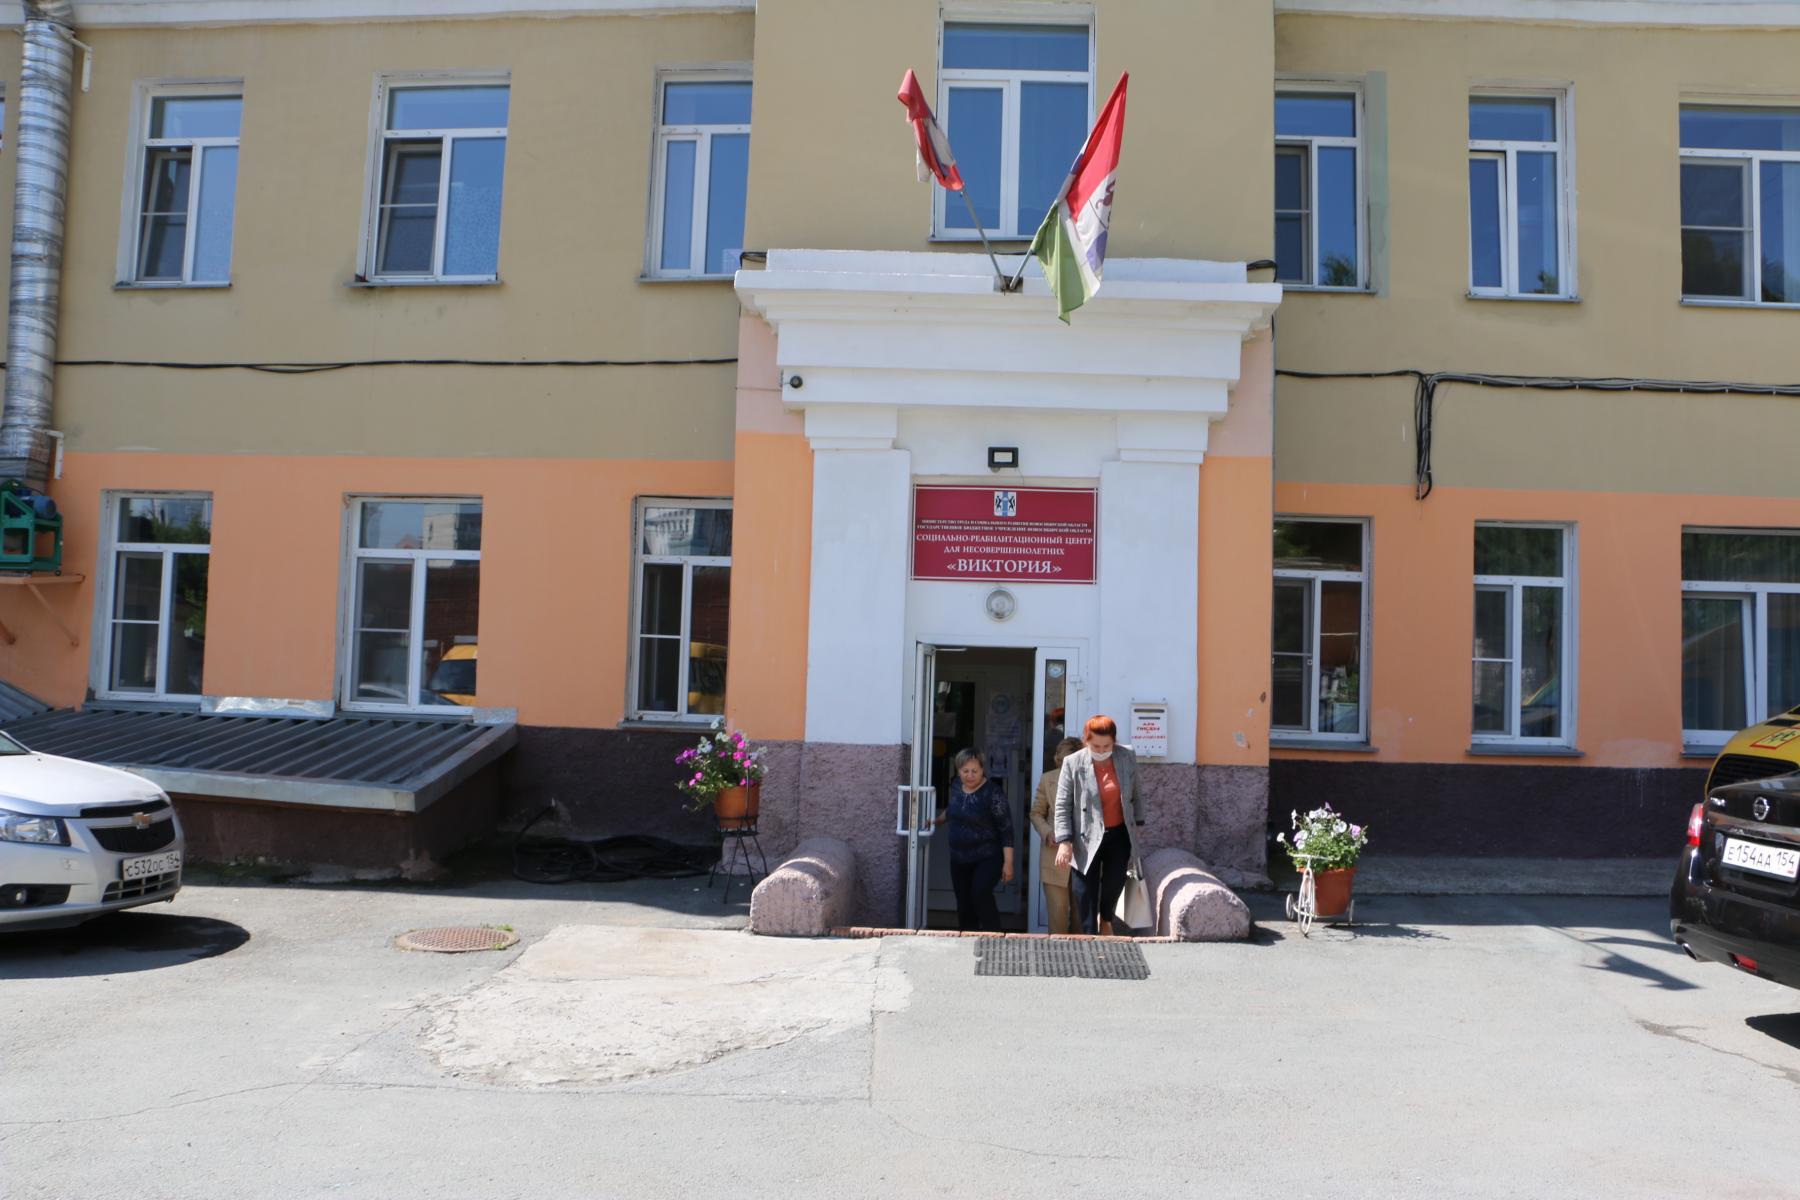 фото «Выпрыгнули в окно, обманув охранника»: подробности побега четырёх подростков из реабцентра в Новосибирске 2